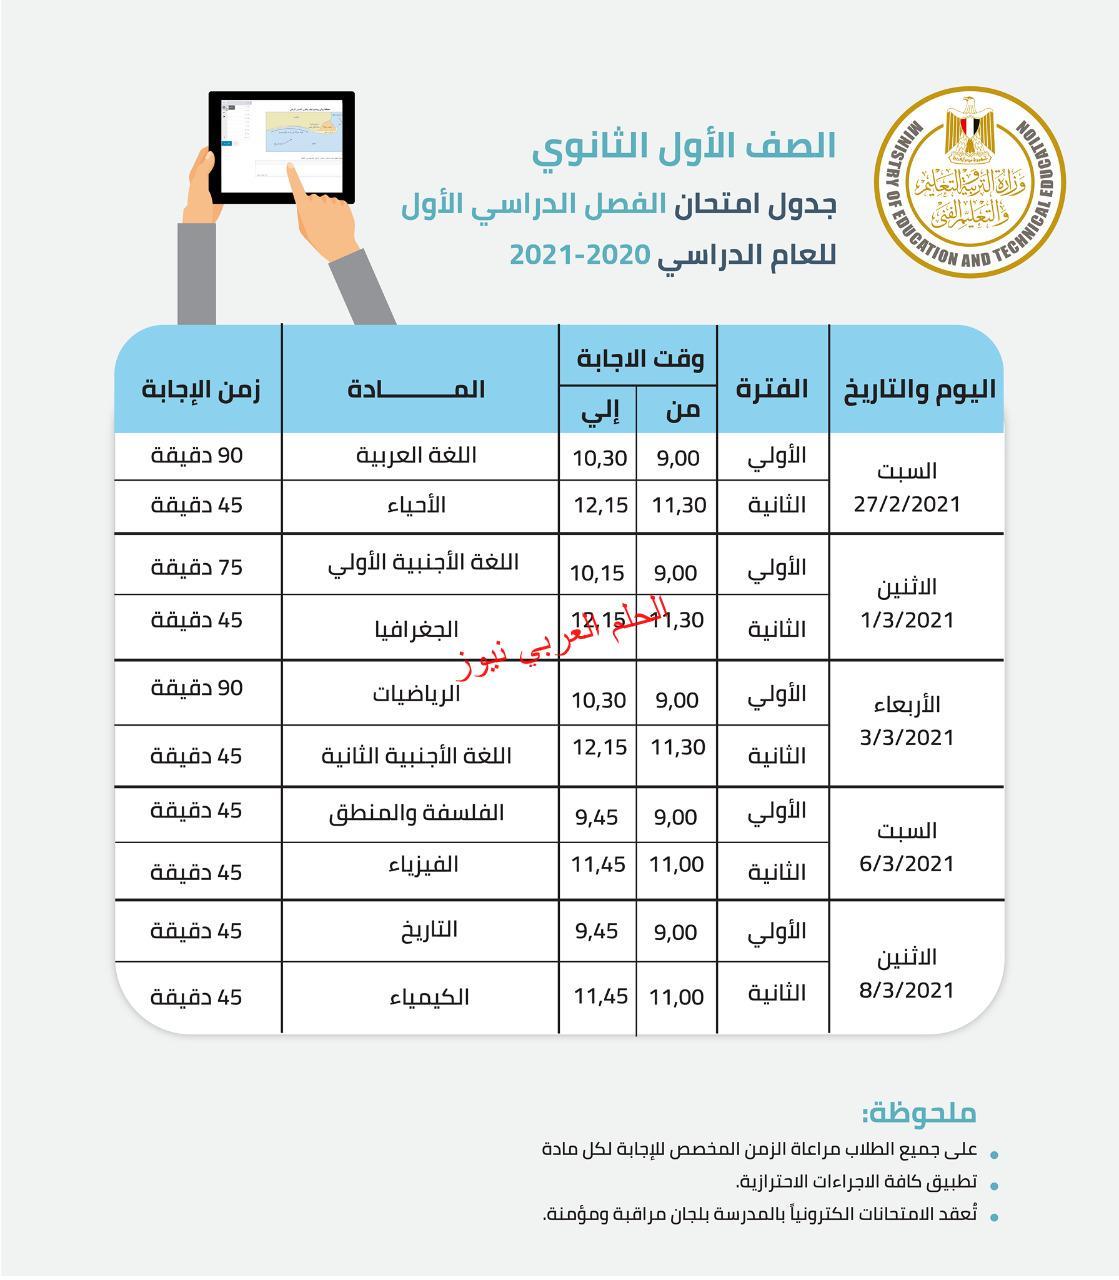 جدول امتحانات الصفين الأول والثاني ثانوي الفصل الدراسي الأول بقلم ليلي حسين